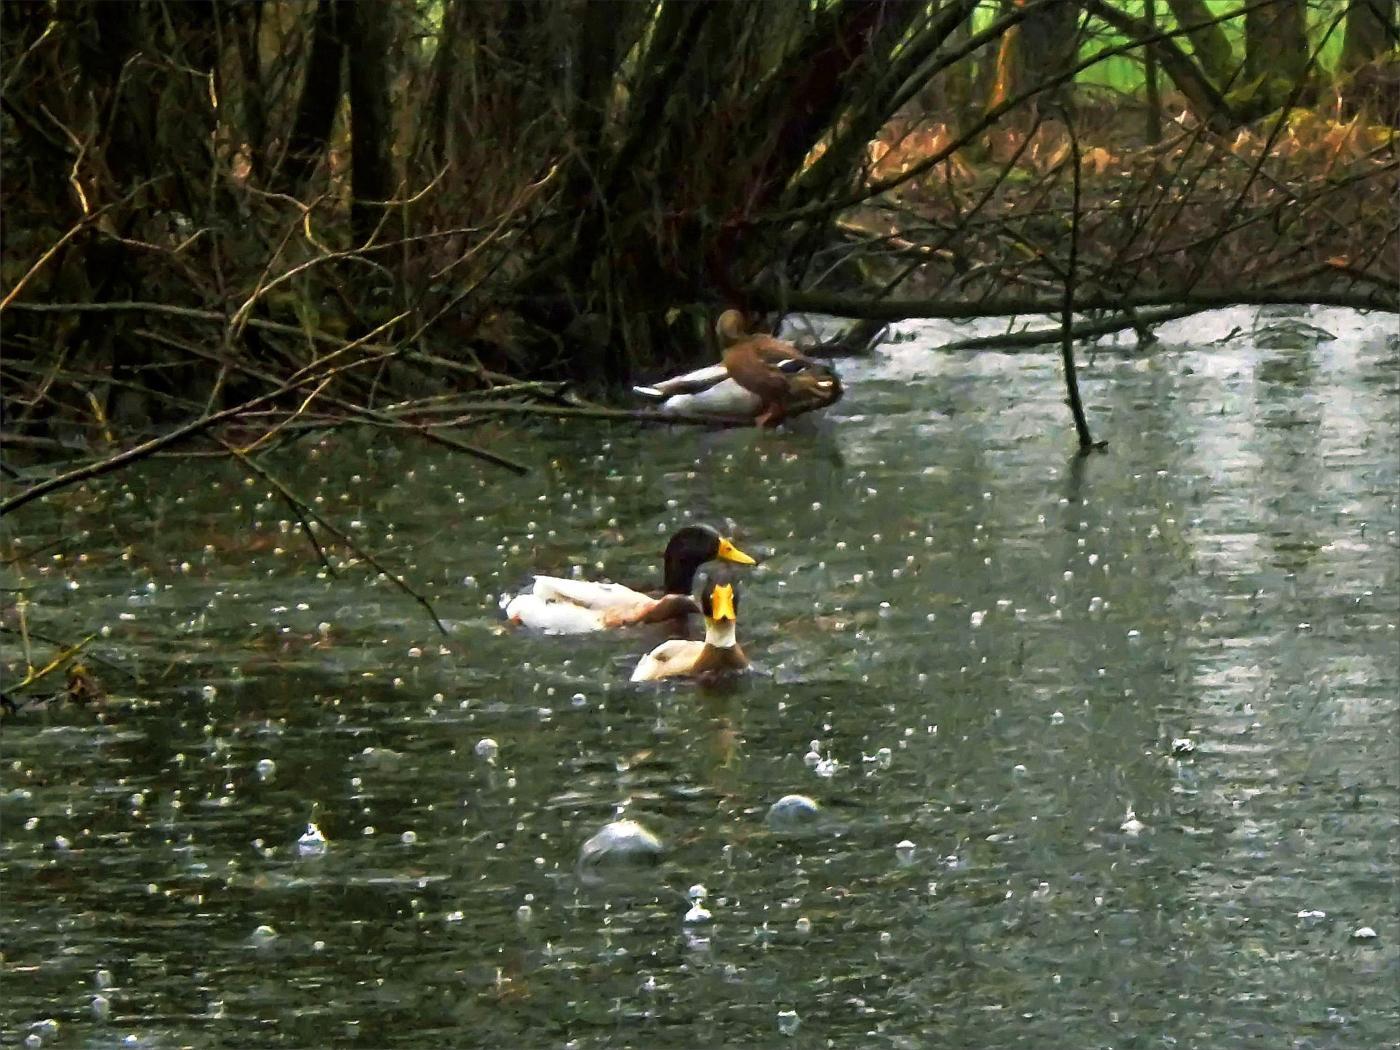 Sogar heftiger Regen kann die Enten nicht vertreiben.